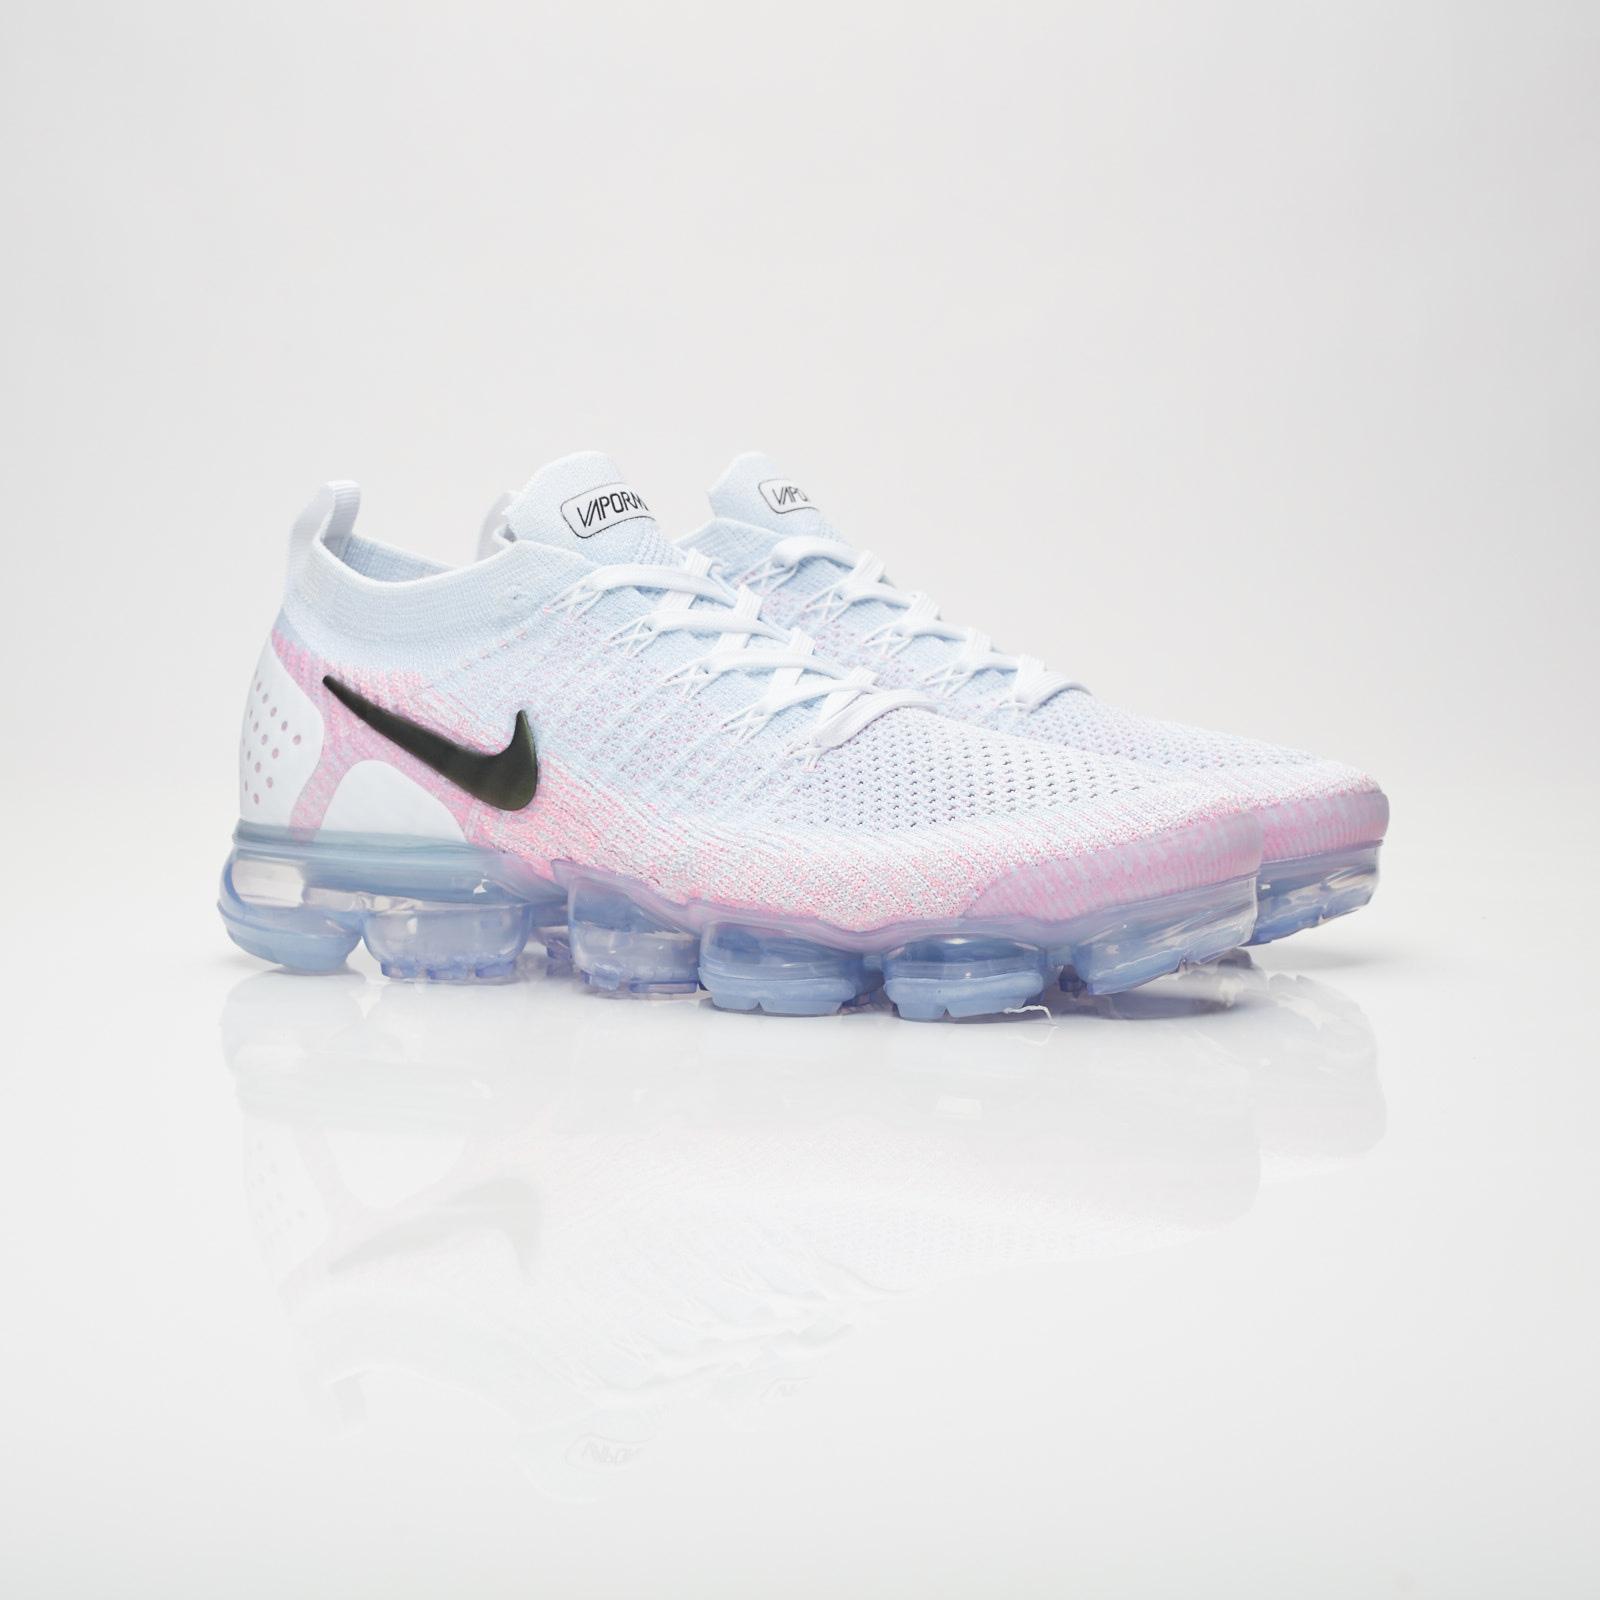 ccc008b2cfcd8 Nike Air Vapormax Flyknit 2 - 942842-102 - Sneakersnstuff